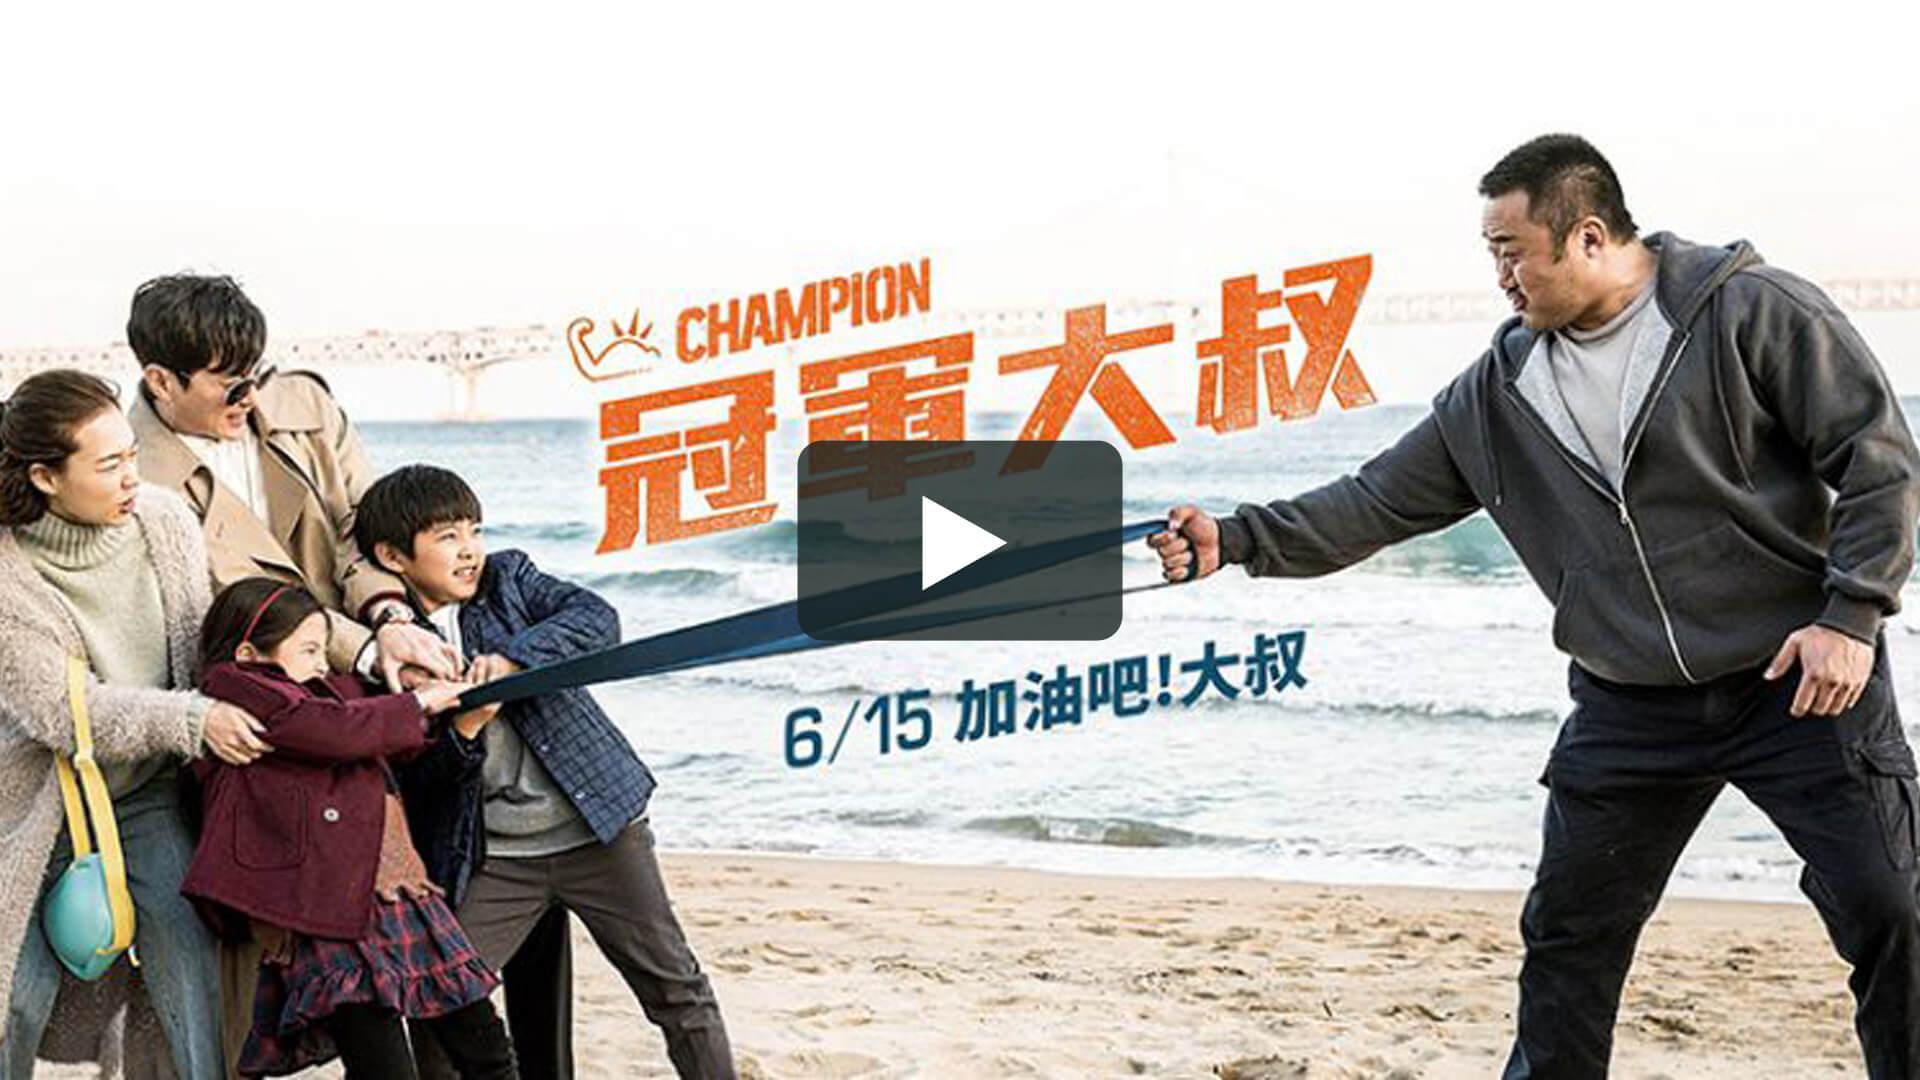 冠軍 - Champion